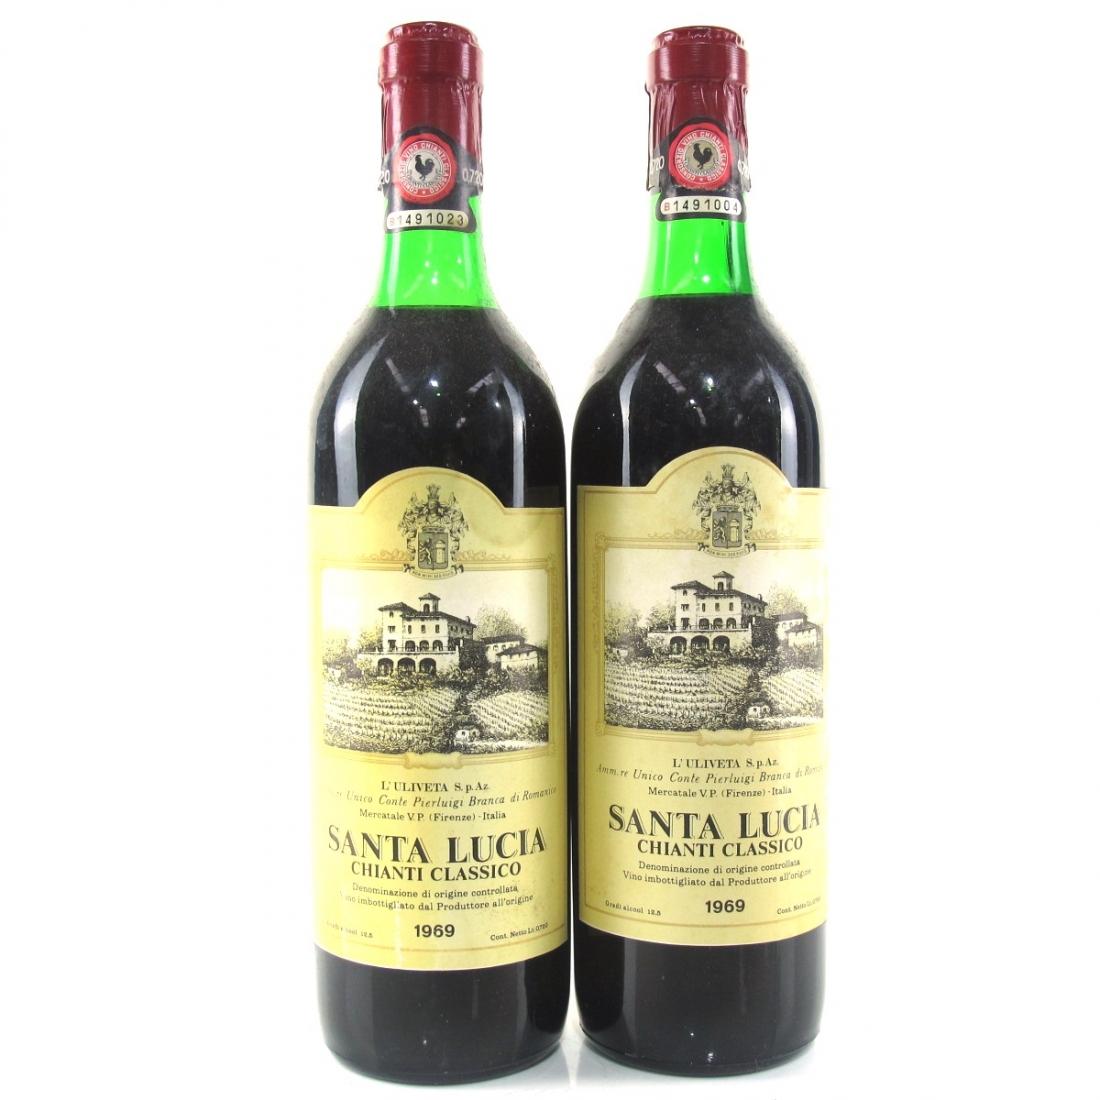 Santa Lucia 1969 Chianti Classico 2x75cl